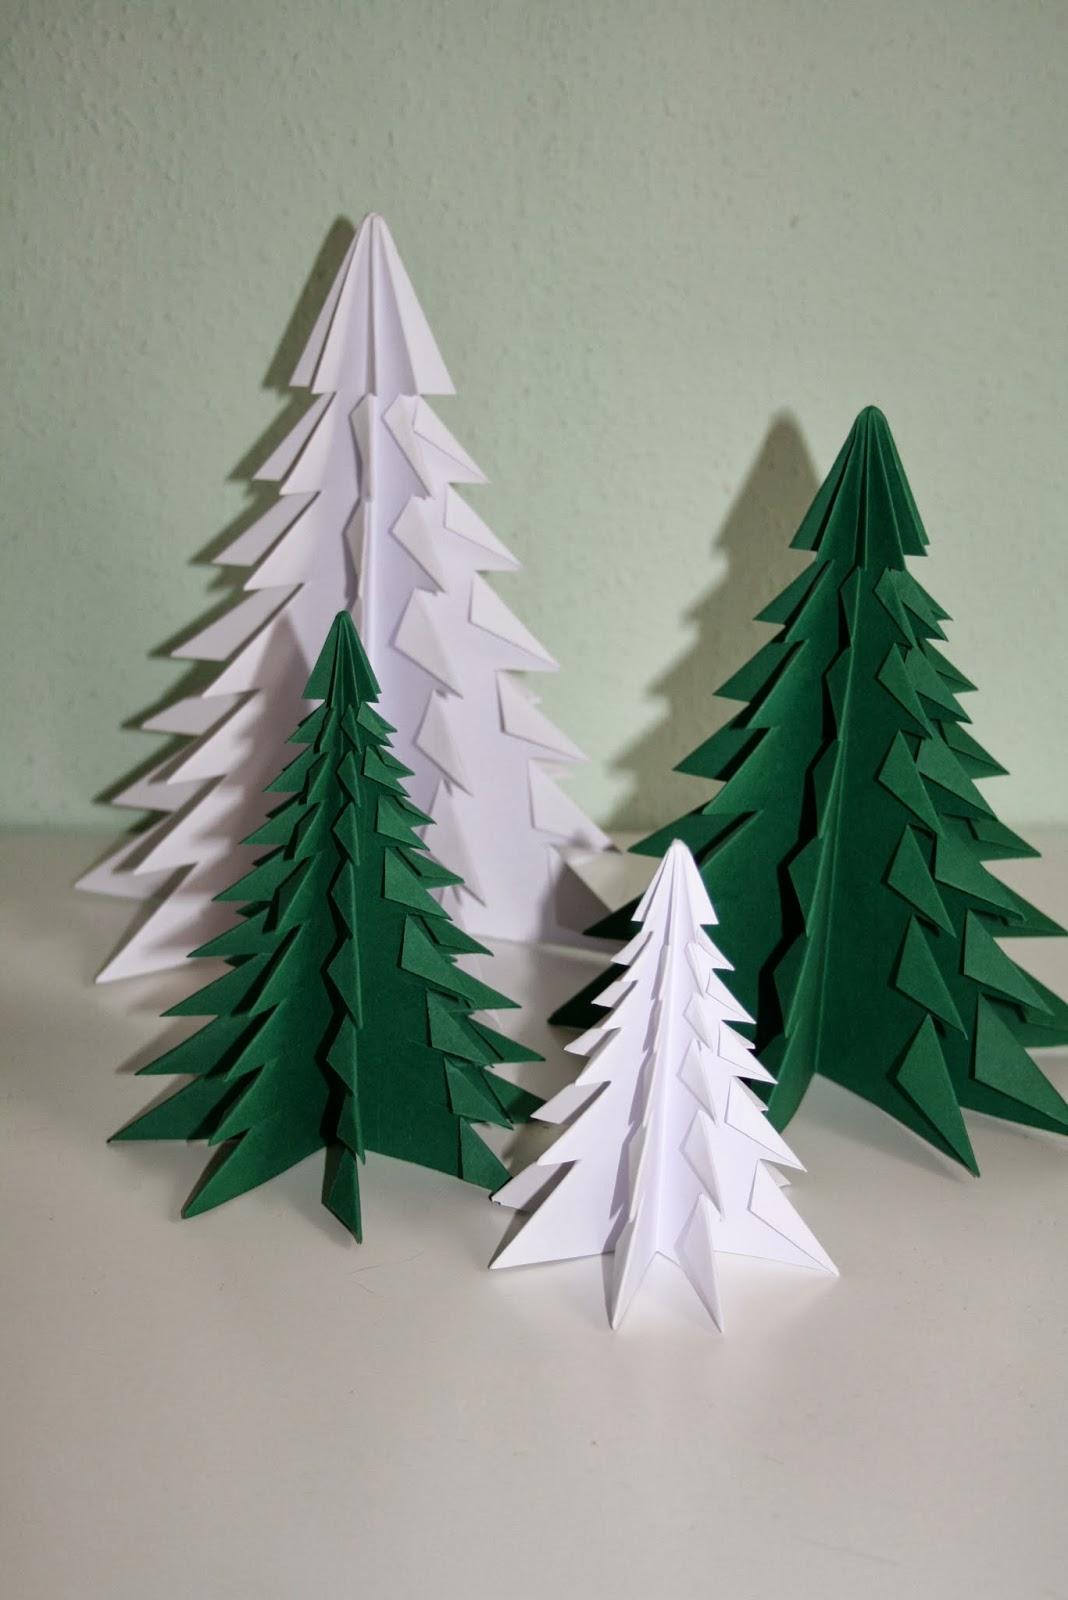 die landgr fin diy origami weihnachtsbaum. Black Bedroom Furniture Sets. Home Design Ideas